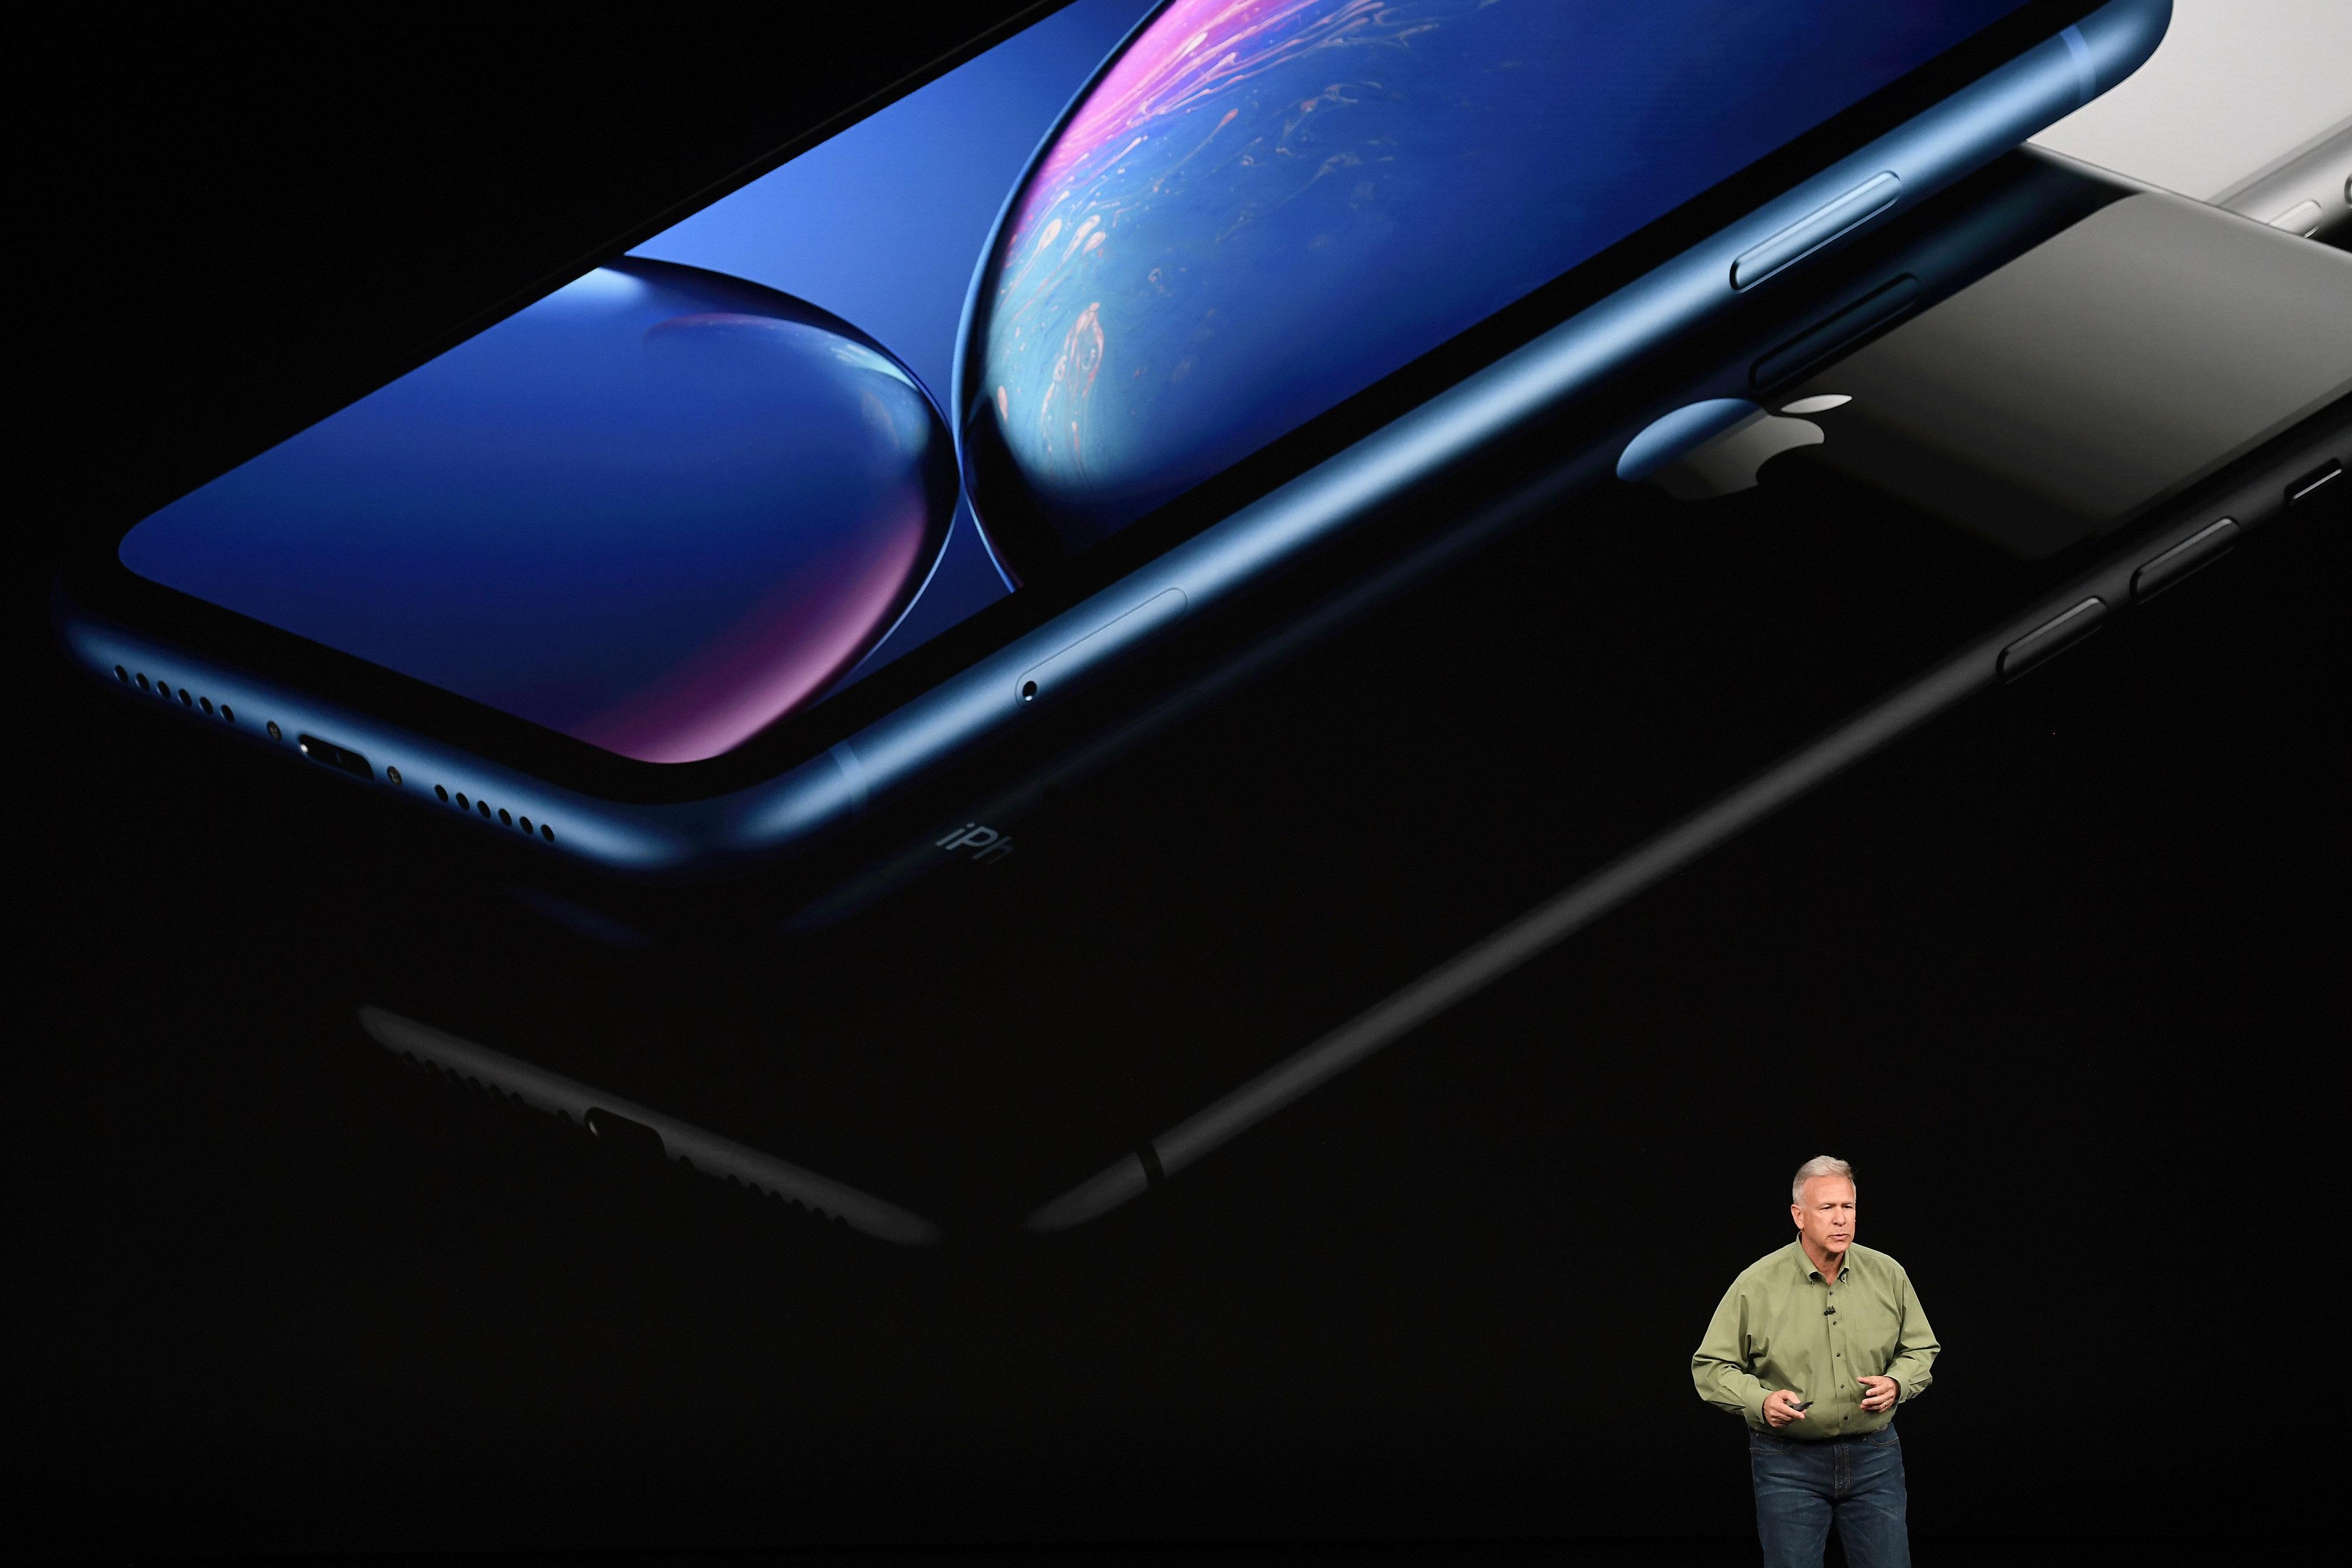 애플이 마침내 아이폰XR에서 'R'의 의미를